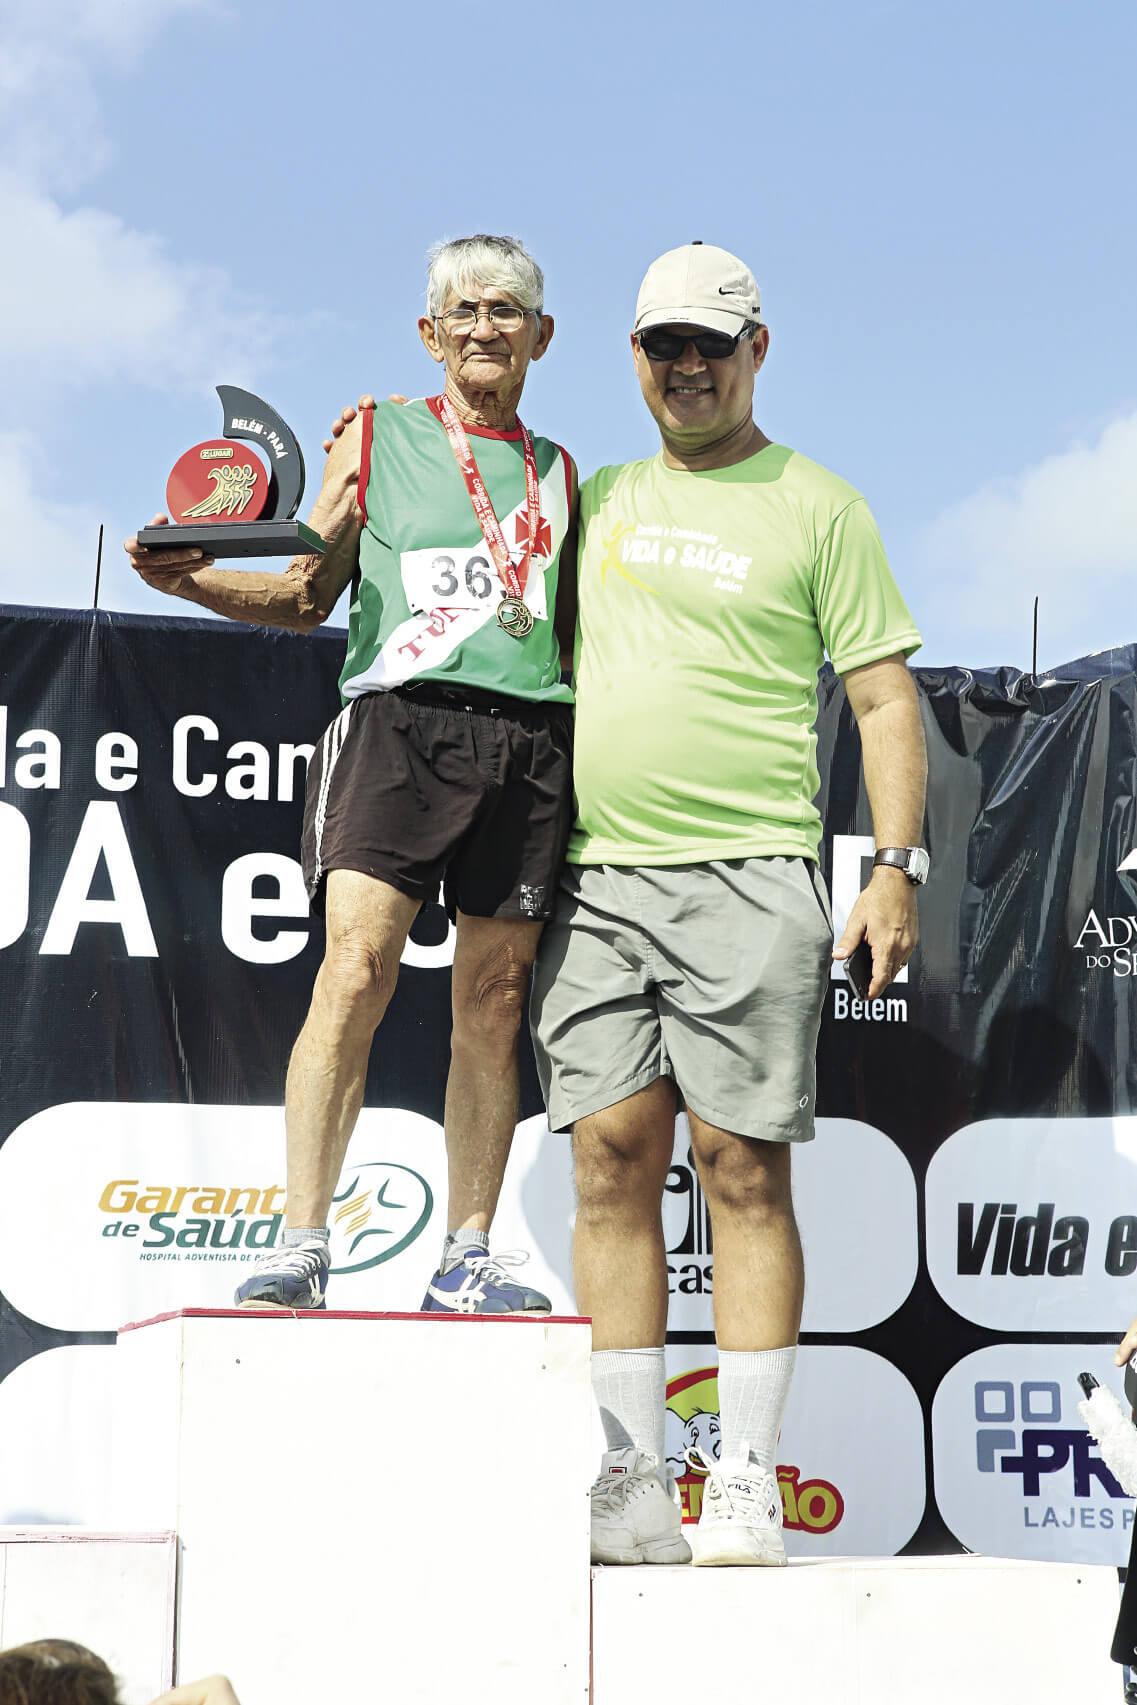 Mais de 4 mil pessoas participaram da corrida Vida e Saúde em Belém.